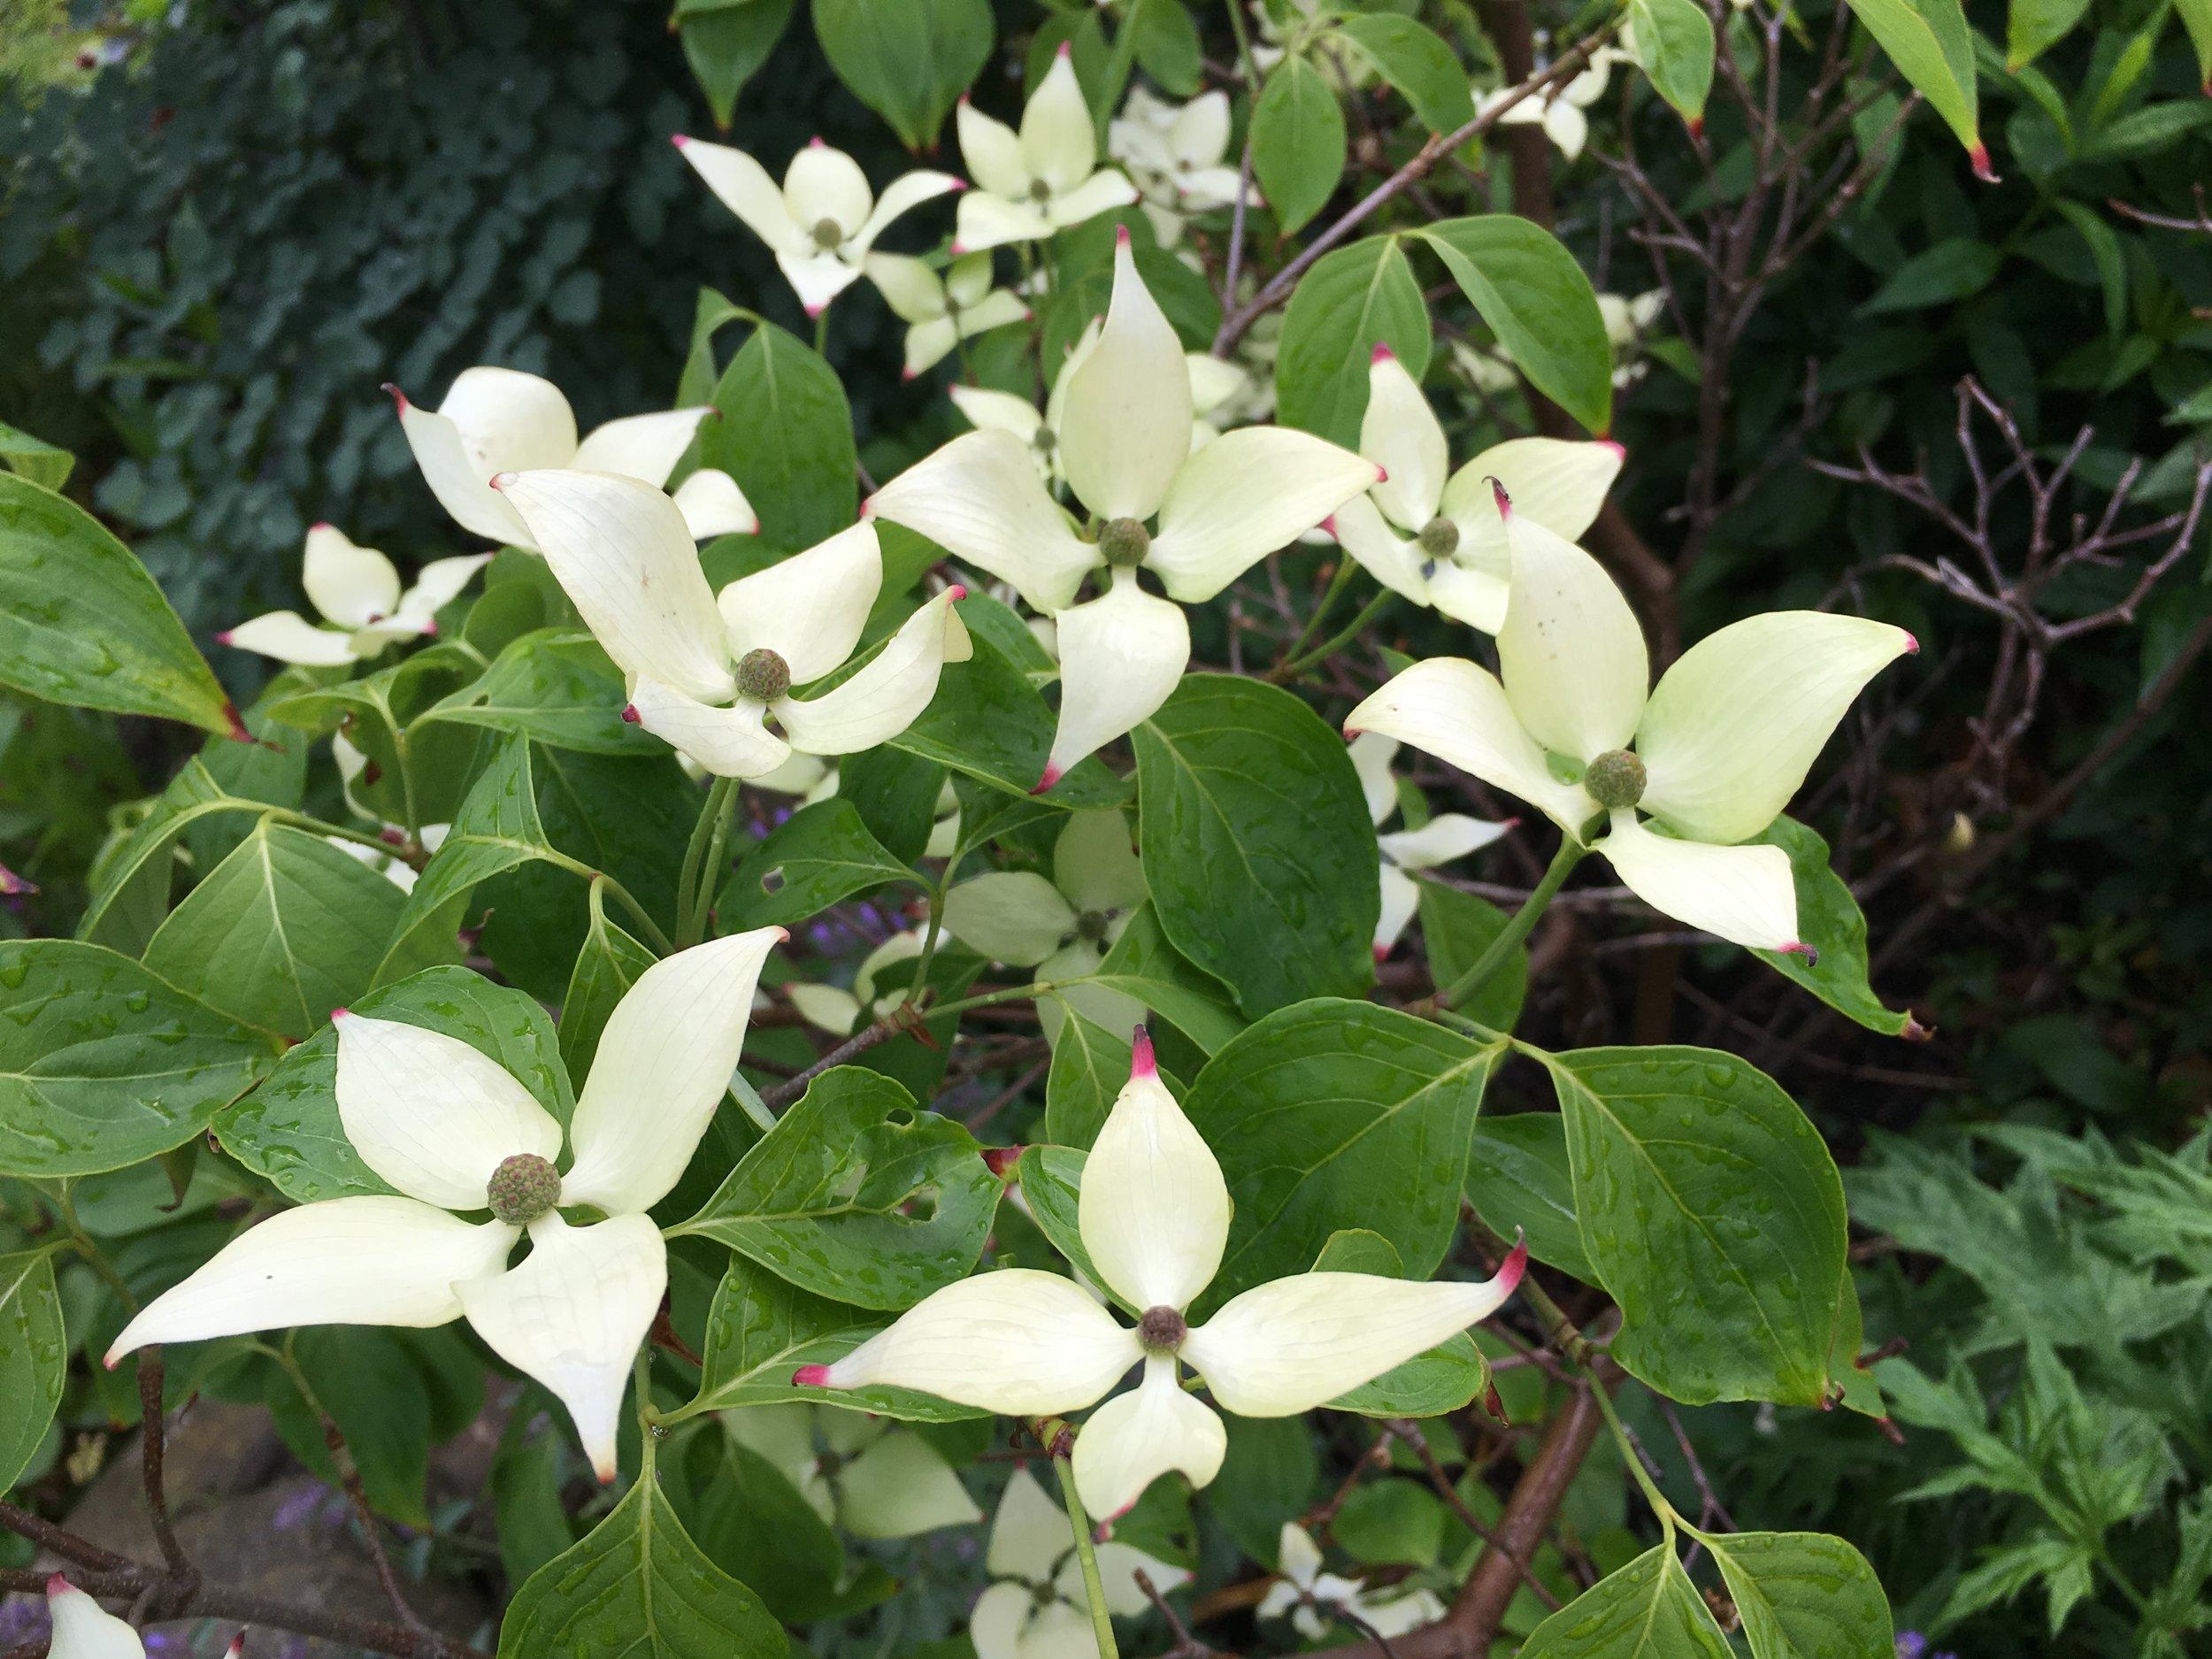 Her er 'China Girl'. Blomsterknopperne dukker allerede op i maj, og så udvikler de sig langsomt. Lige under dem udfolder sig fire svøbblade, som vokser sig større og bliver hvide i juni. Så i virkeligheden er det ikke blomsterne, jeg falder i svime over, men svøbbladene.